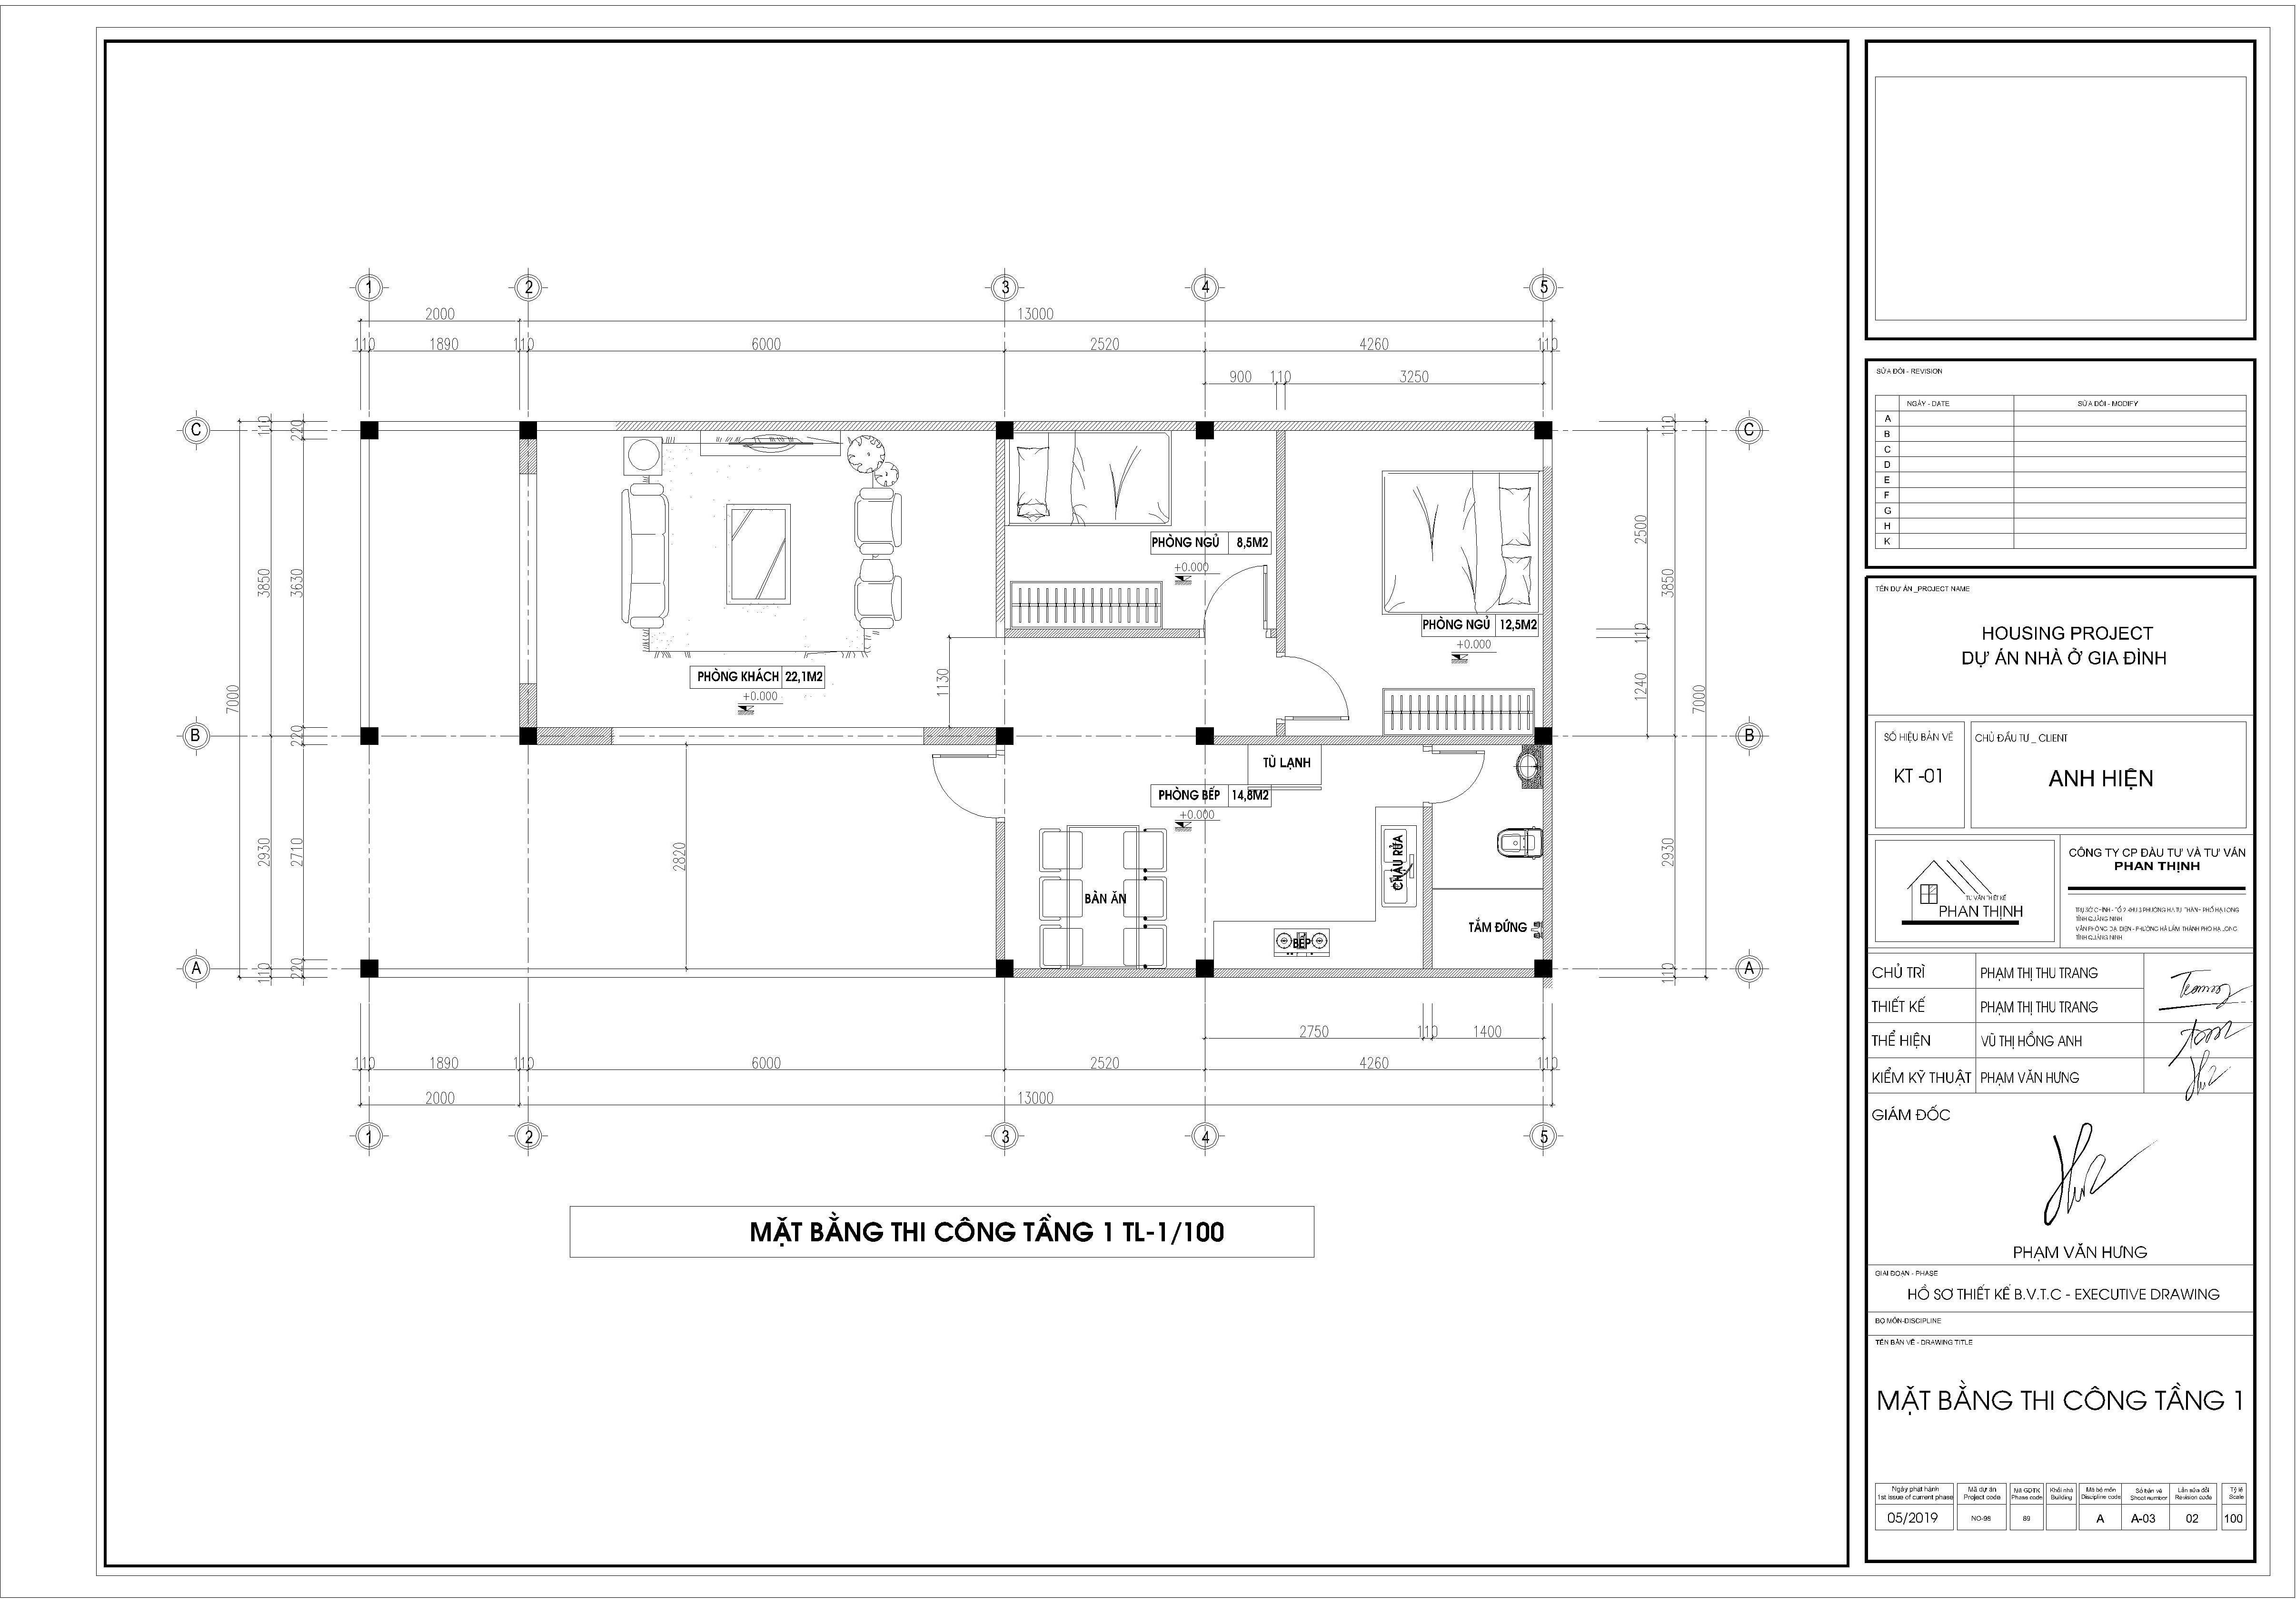 Mặt bằng thiết kế sơ bộ tại tầng 1, ngôi nhà 2 tầng trong trới